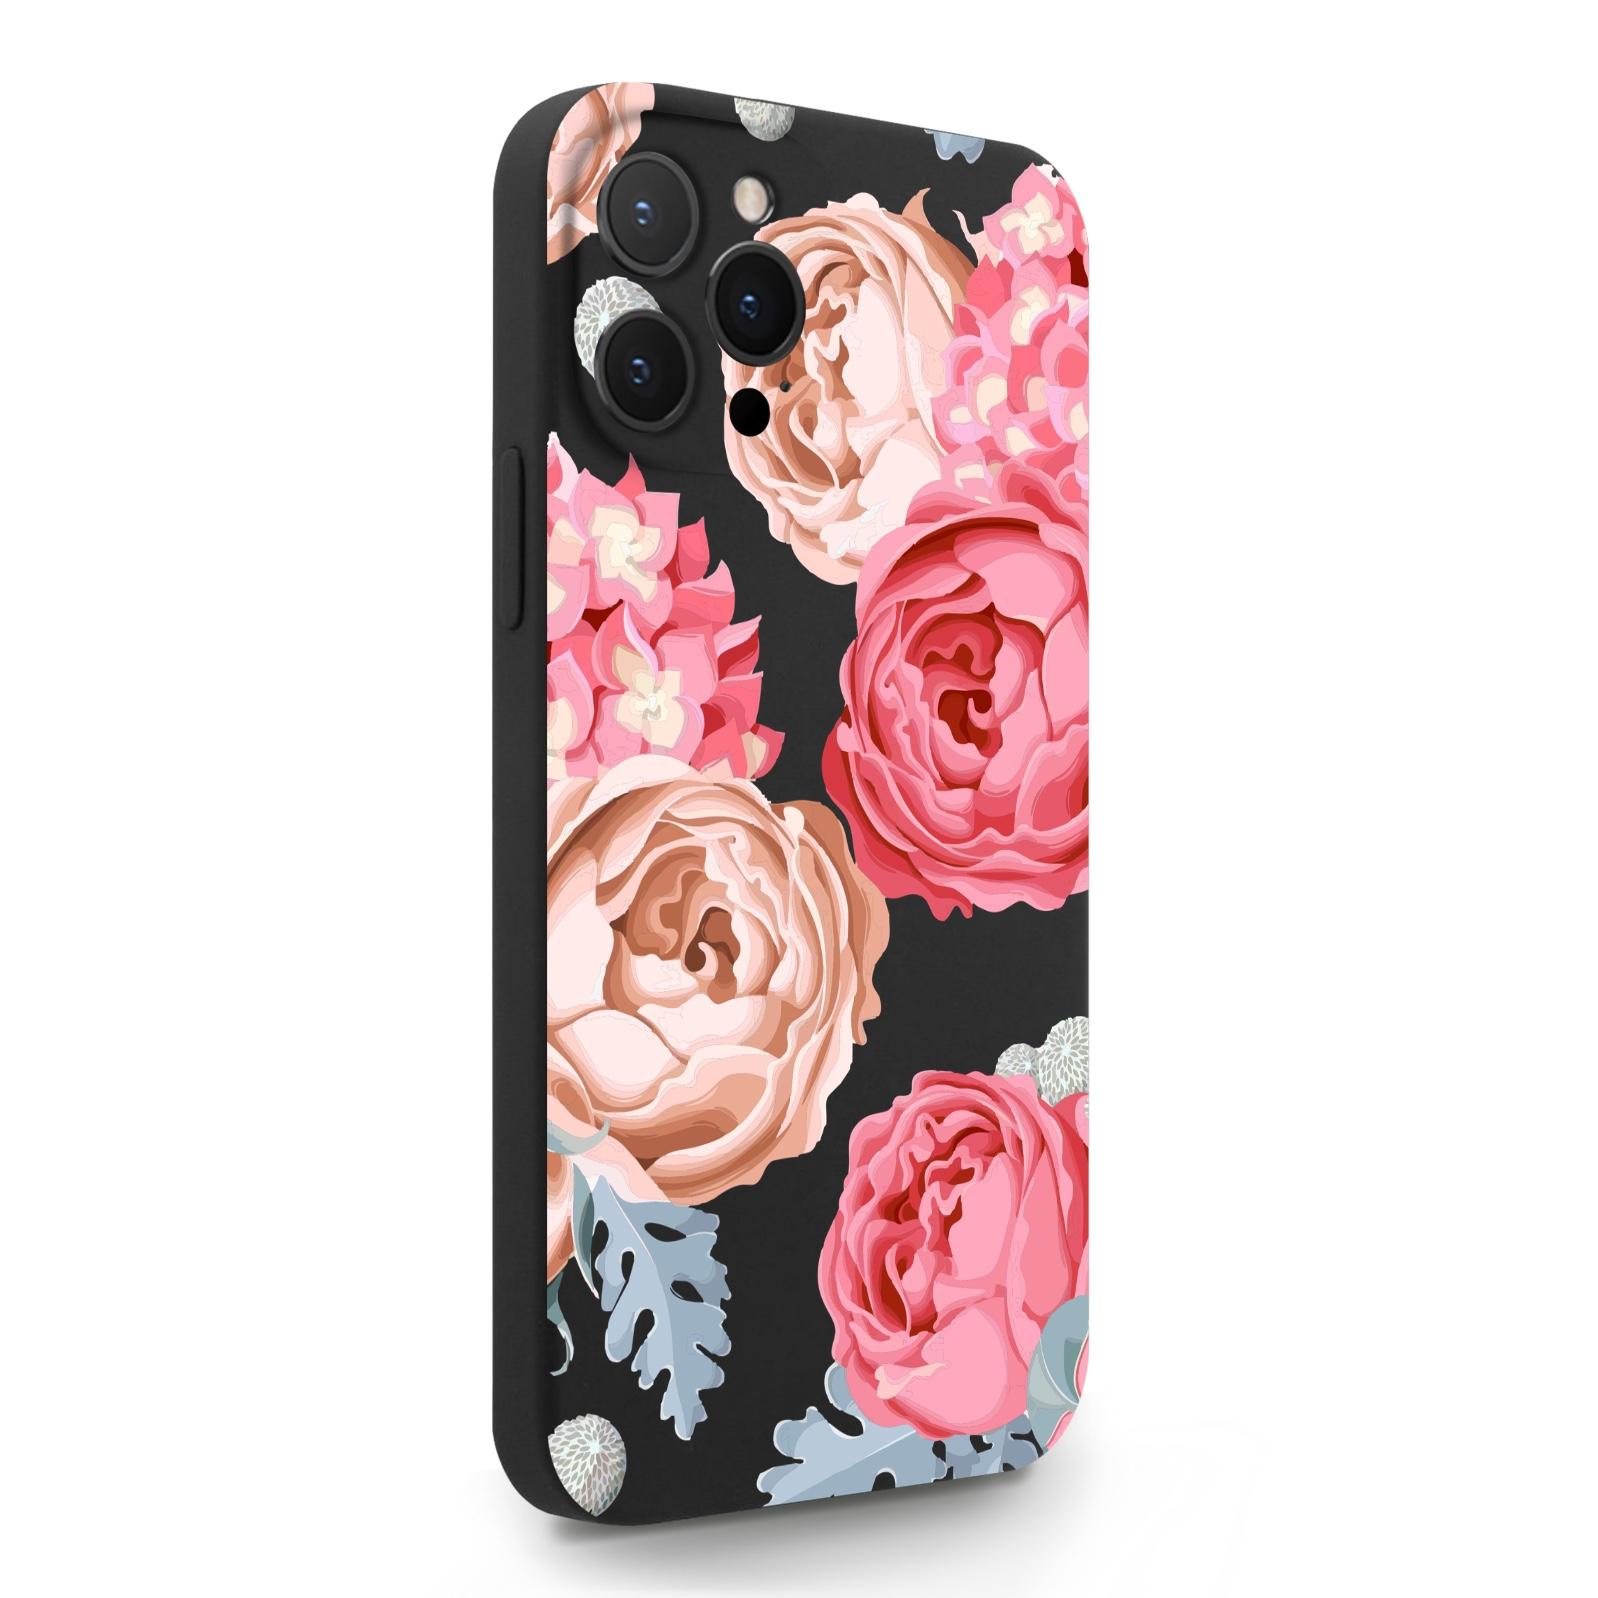 Черный силиконовый чехол для iPhone 12 Pro Max Пионы для Айфон 12 Про Макс